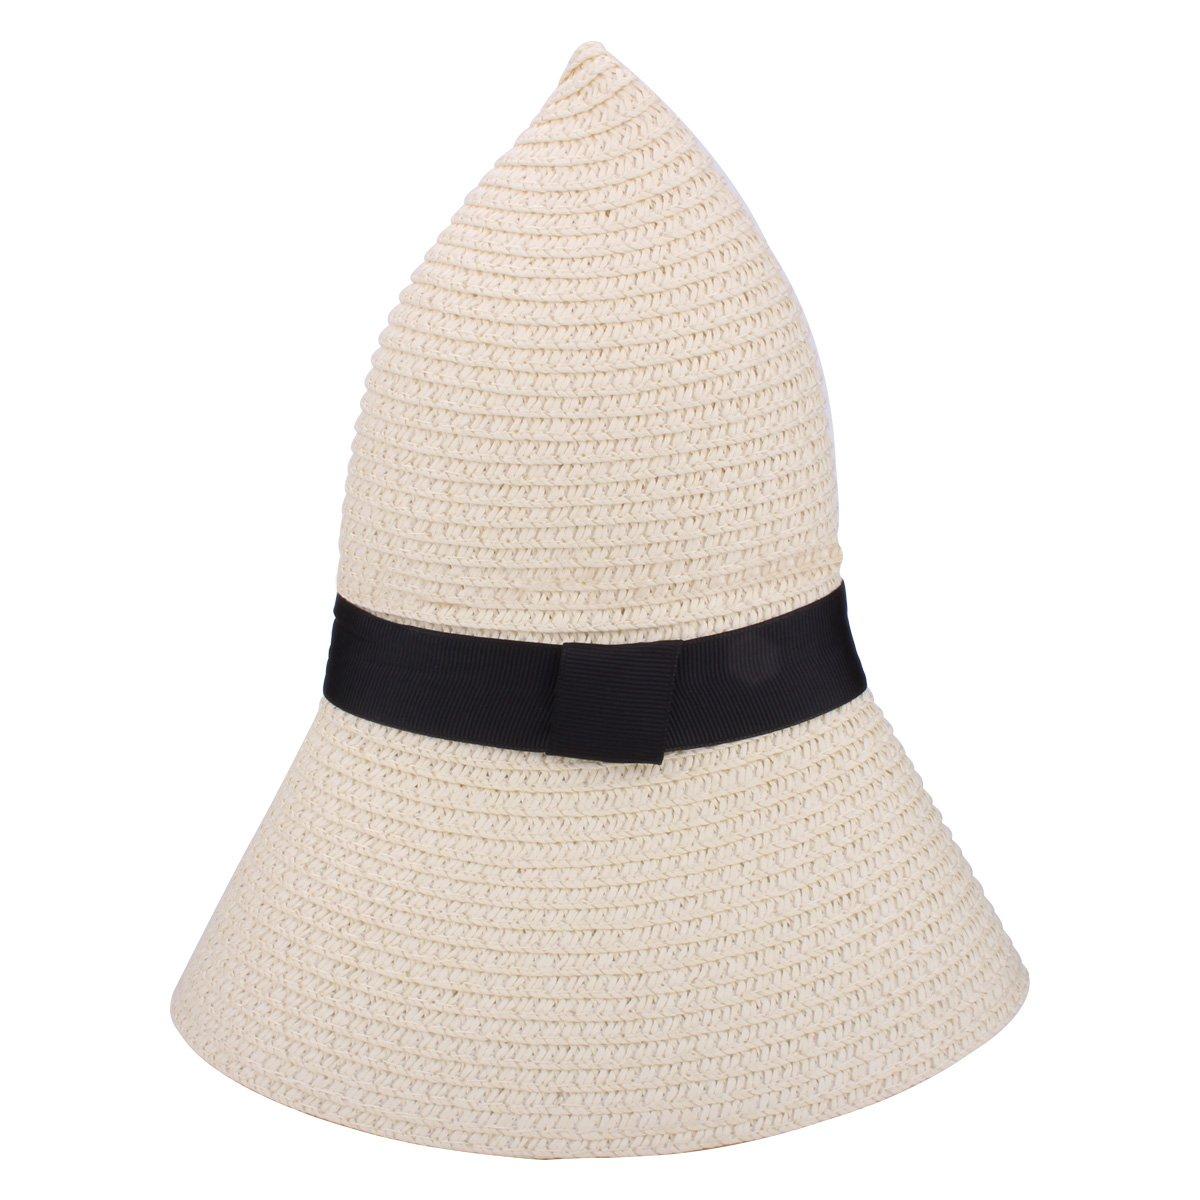 YOPINDO Sombrero de Paja para Mujer UPF 50+ Big Brim Sombrero de Playa  Plegable Summer Beach Hat (9201 Blanco)  Amazon.es  Ropa y accesorios 31d1b5c1a3c6